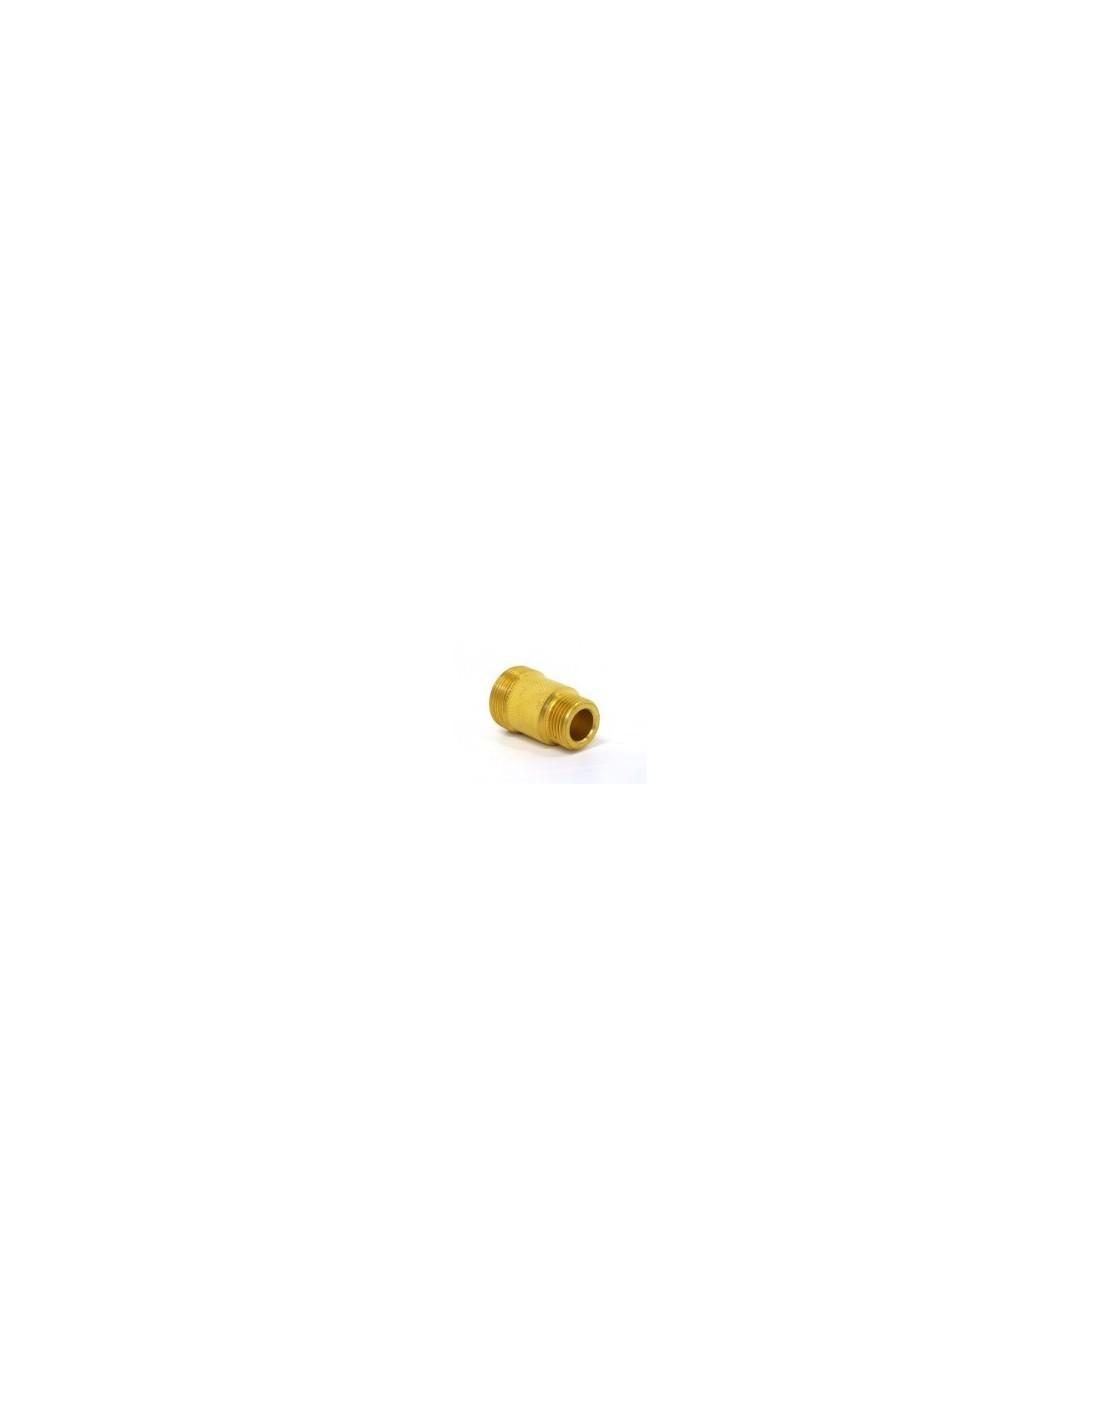 """SAN00115 - Rengöringsadapter 5/8"""" för Pygmy och Kontakt"""